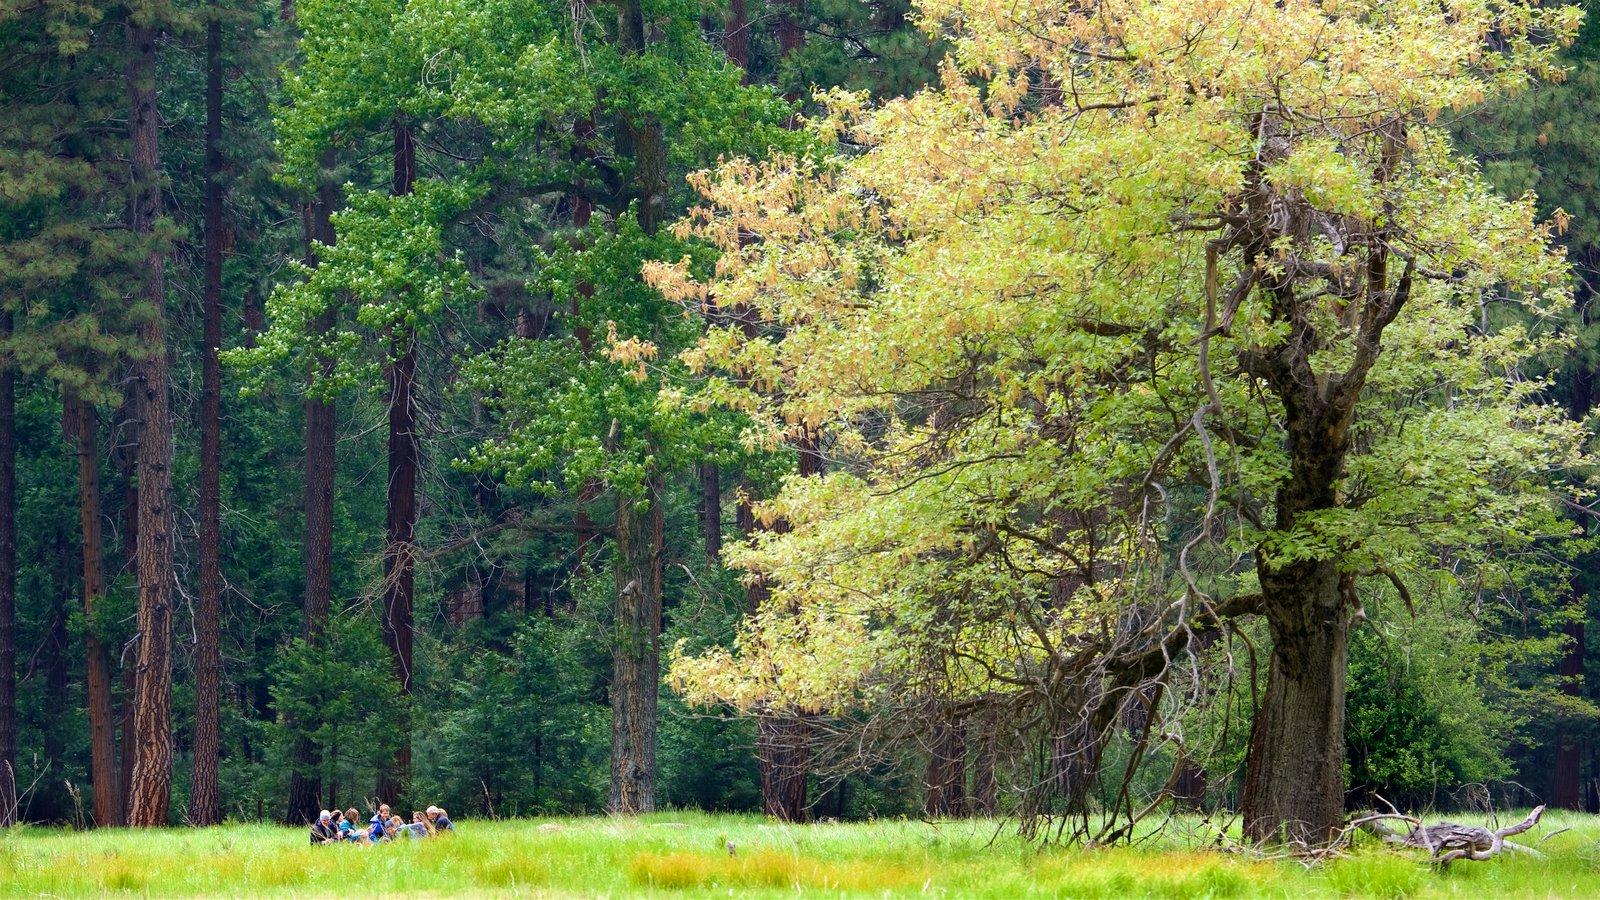 Parque Nacional Yosemite ofreciendo escenas forestales y también un pequeño grupo de personas